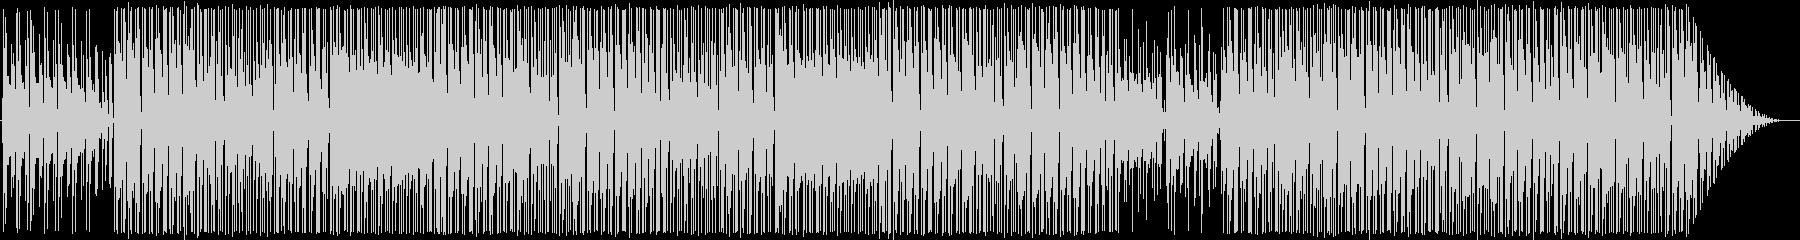 シンプルなフュージョン系インスト曲ですの未再生の波形